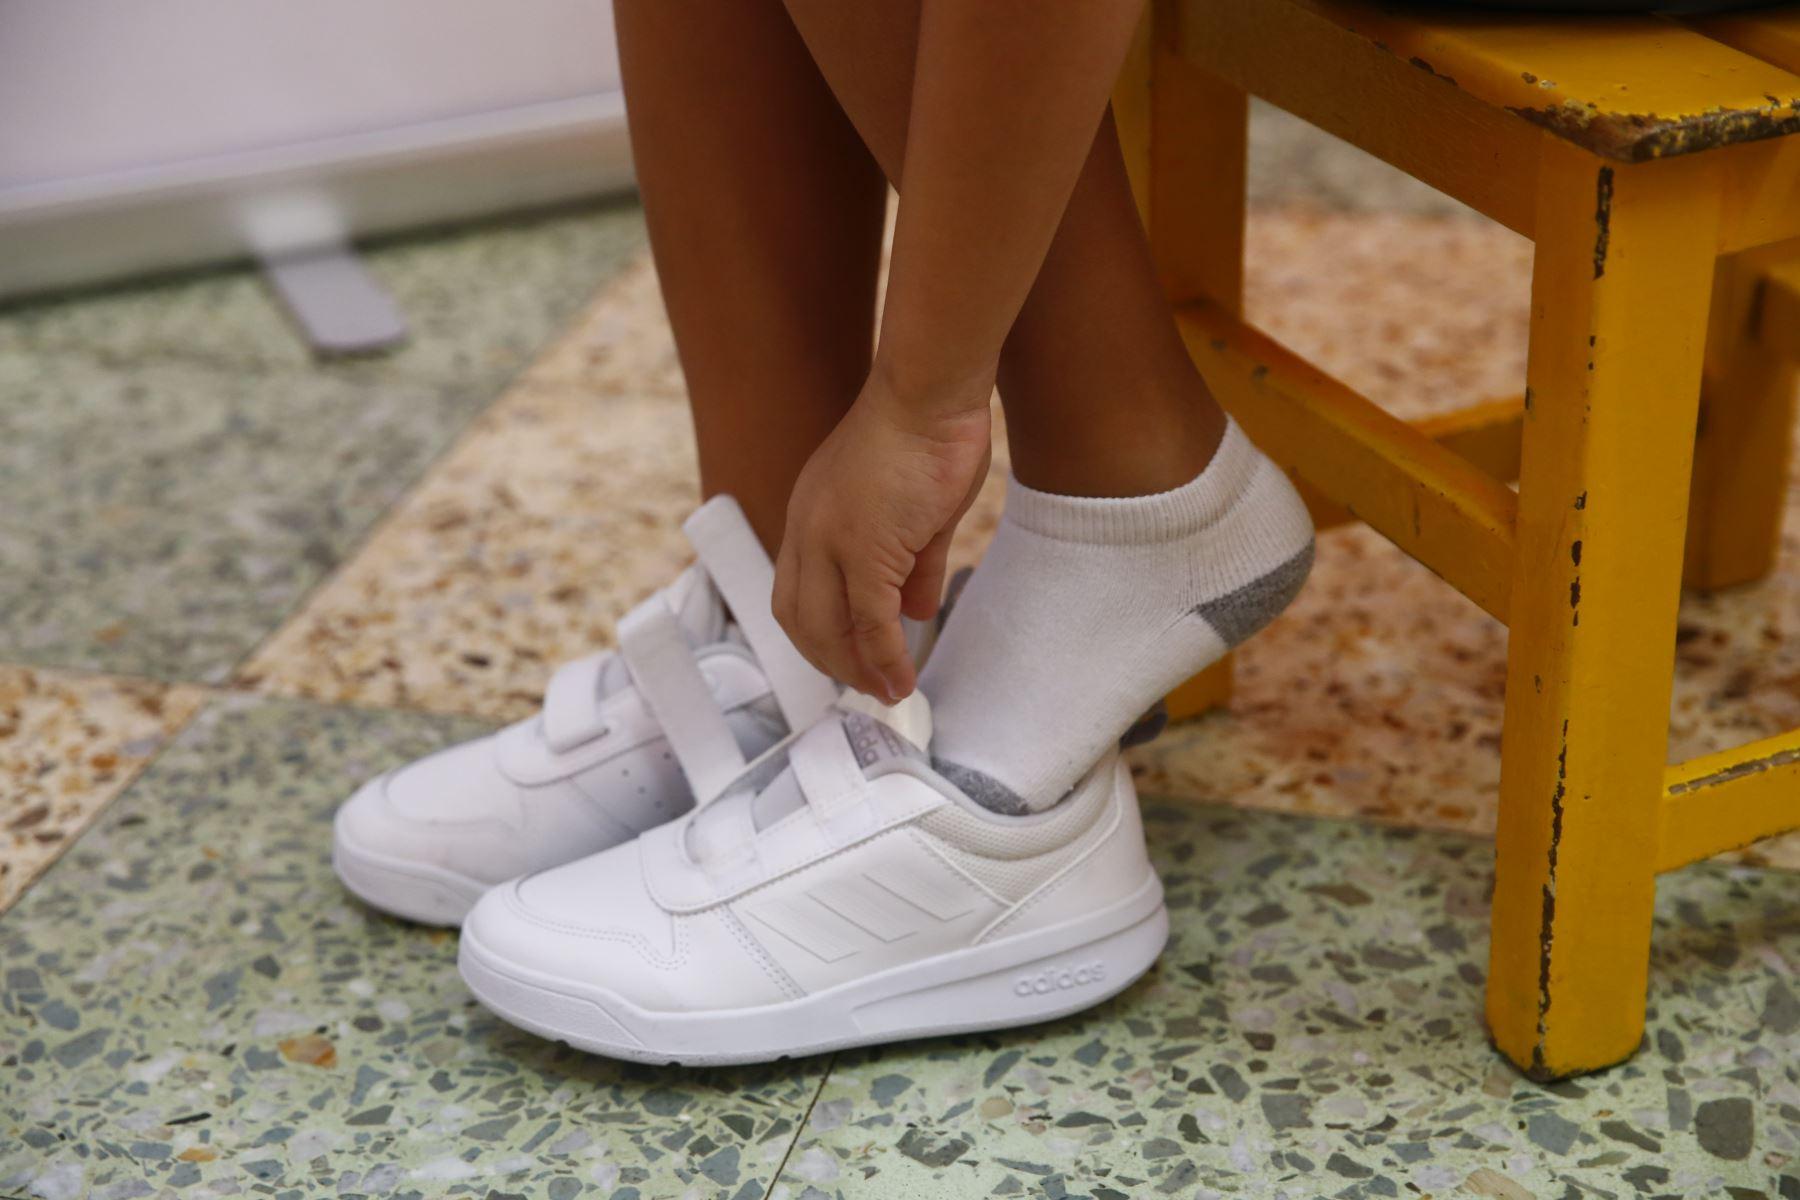 Las zapatillas de educación física deben tener una buena plantilla para una mejor amortiguación. Foto: ANDINA/Jhonel Rodríguez Robles